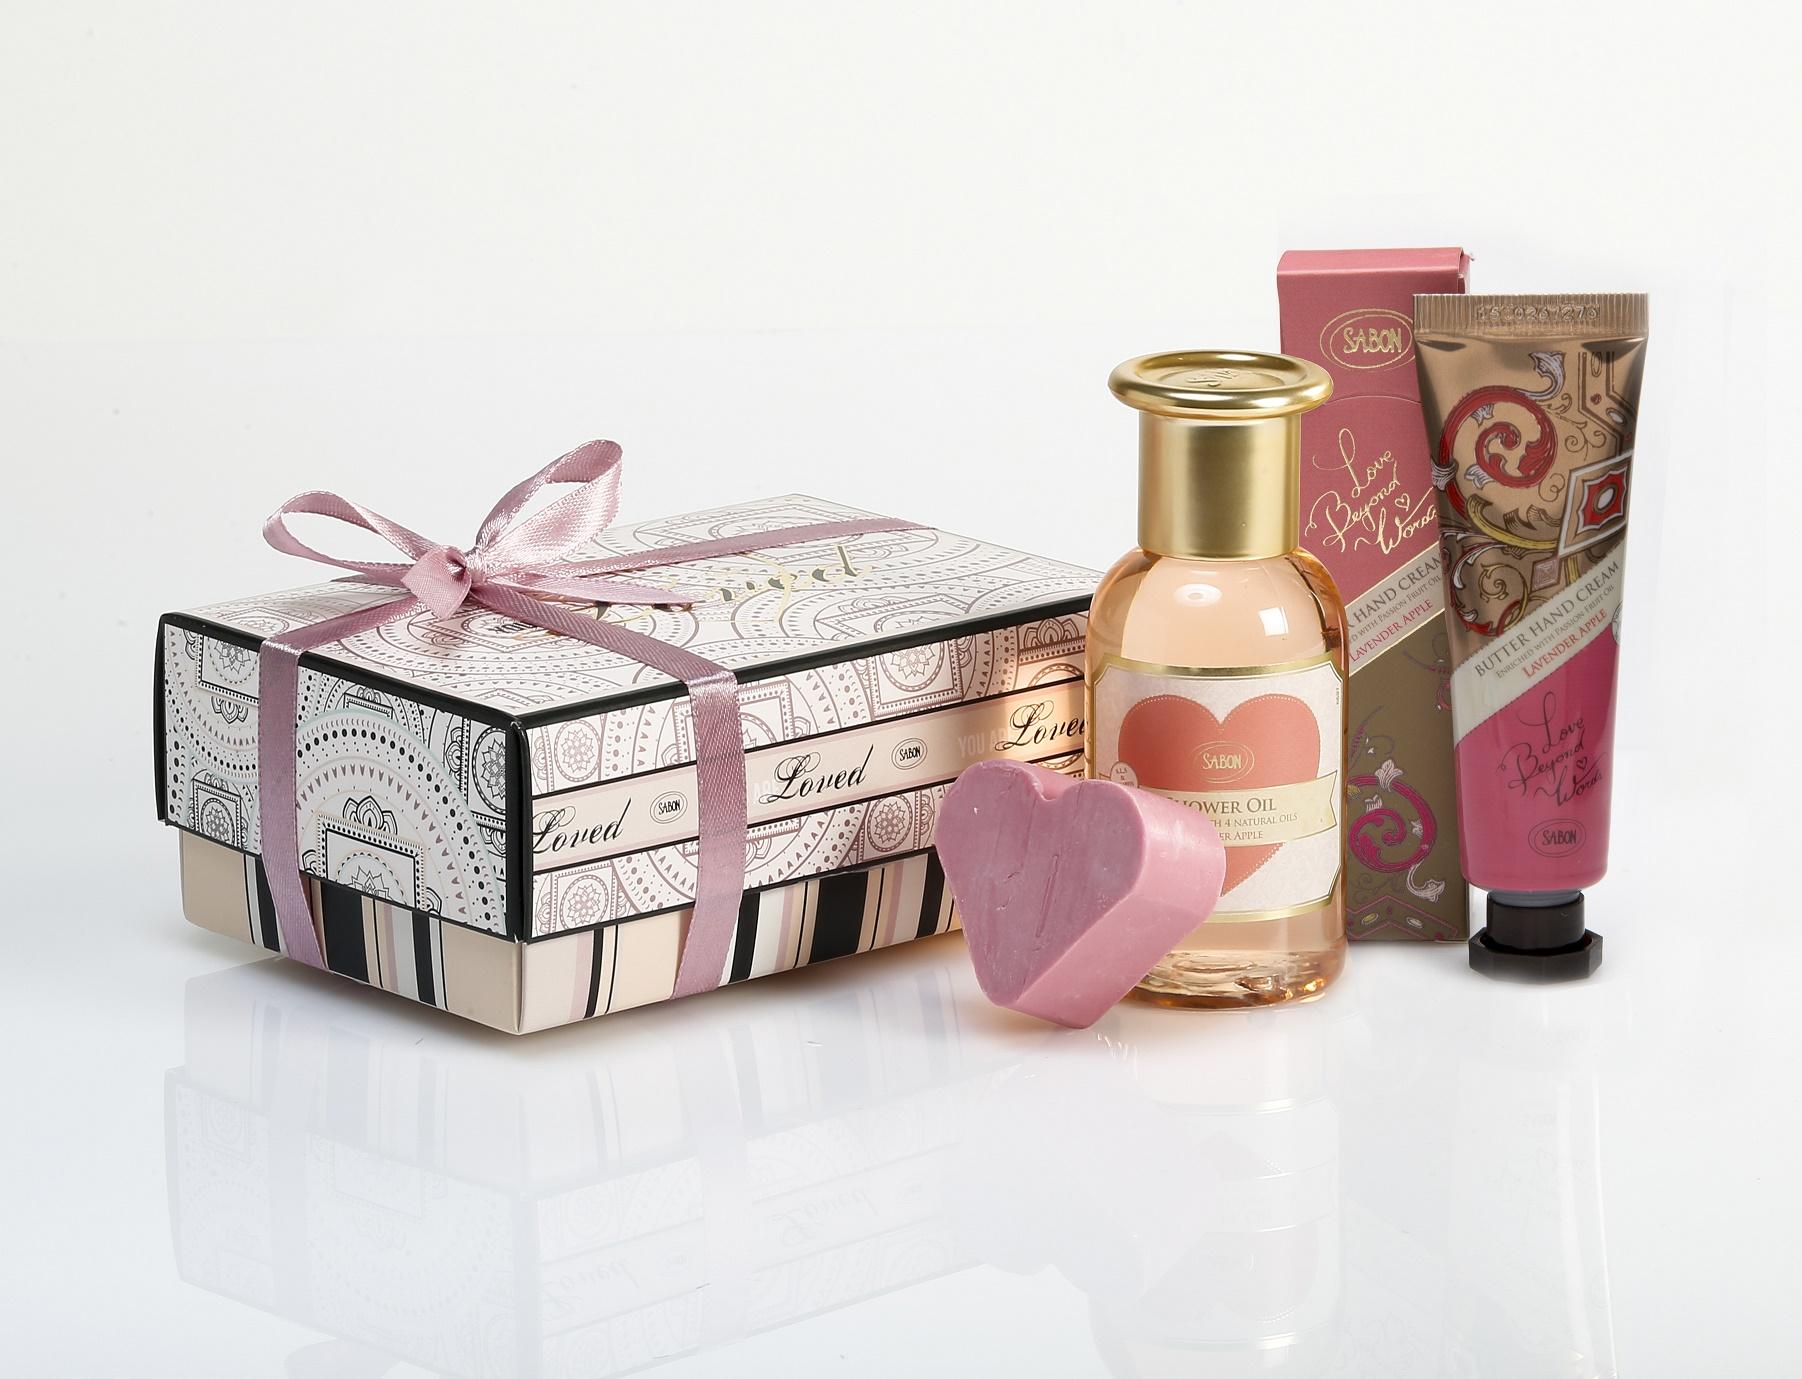 Sabon: десятки подарков для любимых к празднику Ту бе-Ав по особым ценам – от 25 шек.